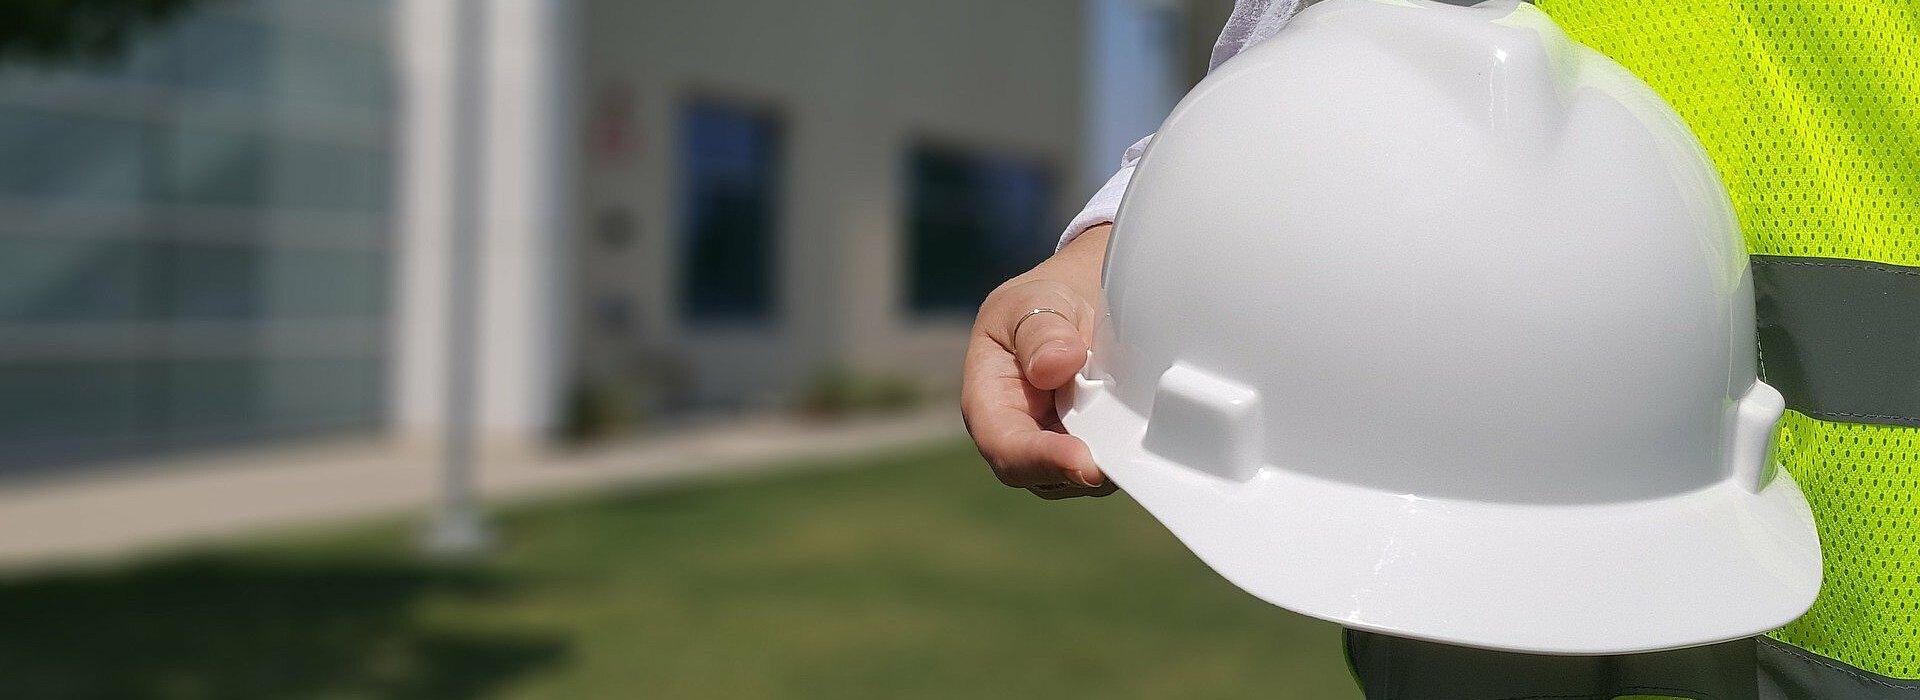 Imagem com um capacete de segurança branco, utilizado na engenharia civil